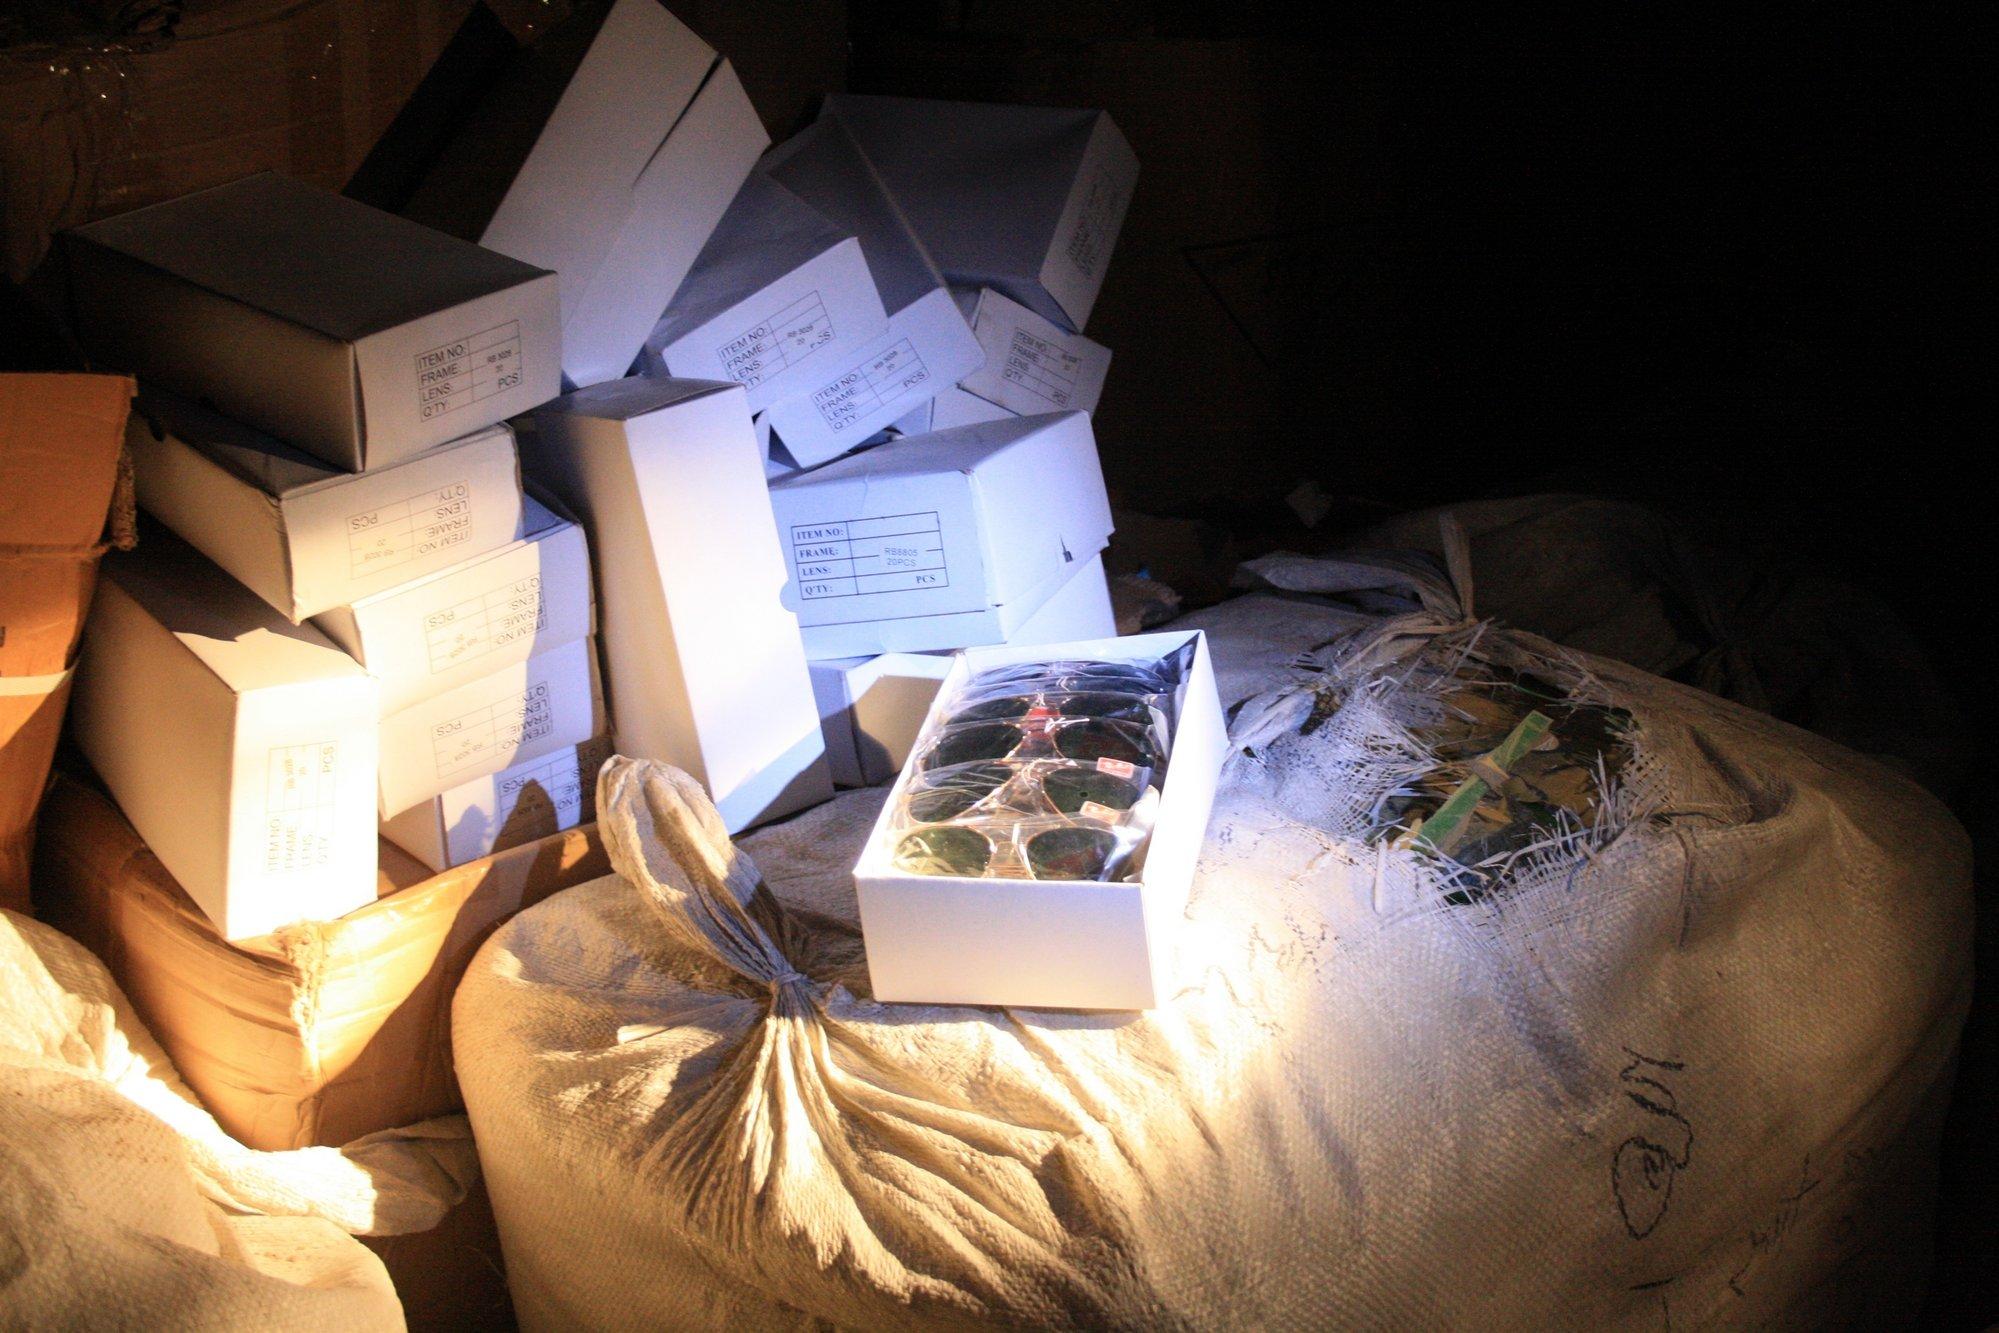 Localizan en una naves de Albacete 200.000 artículos falsificados que ya habían sido intervenidos en Alcalá